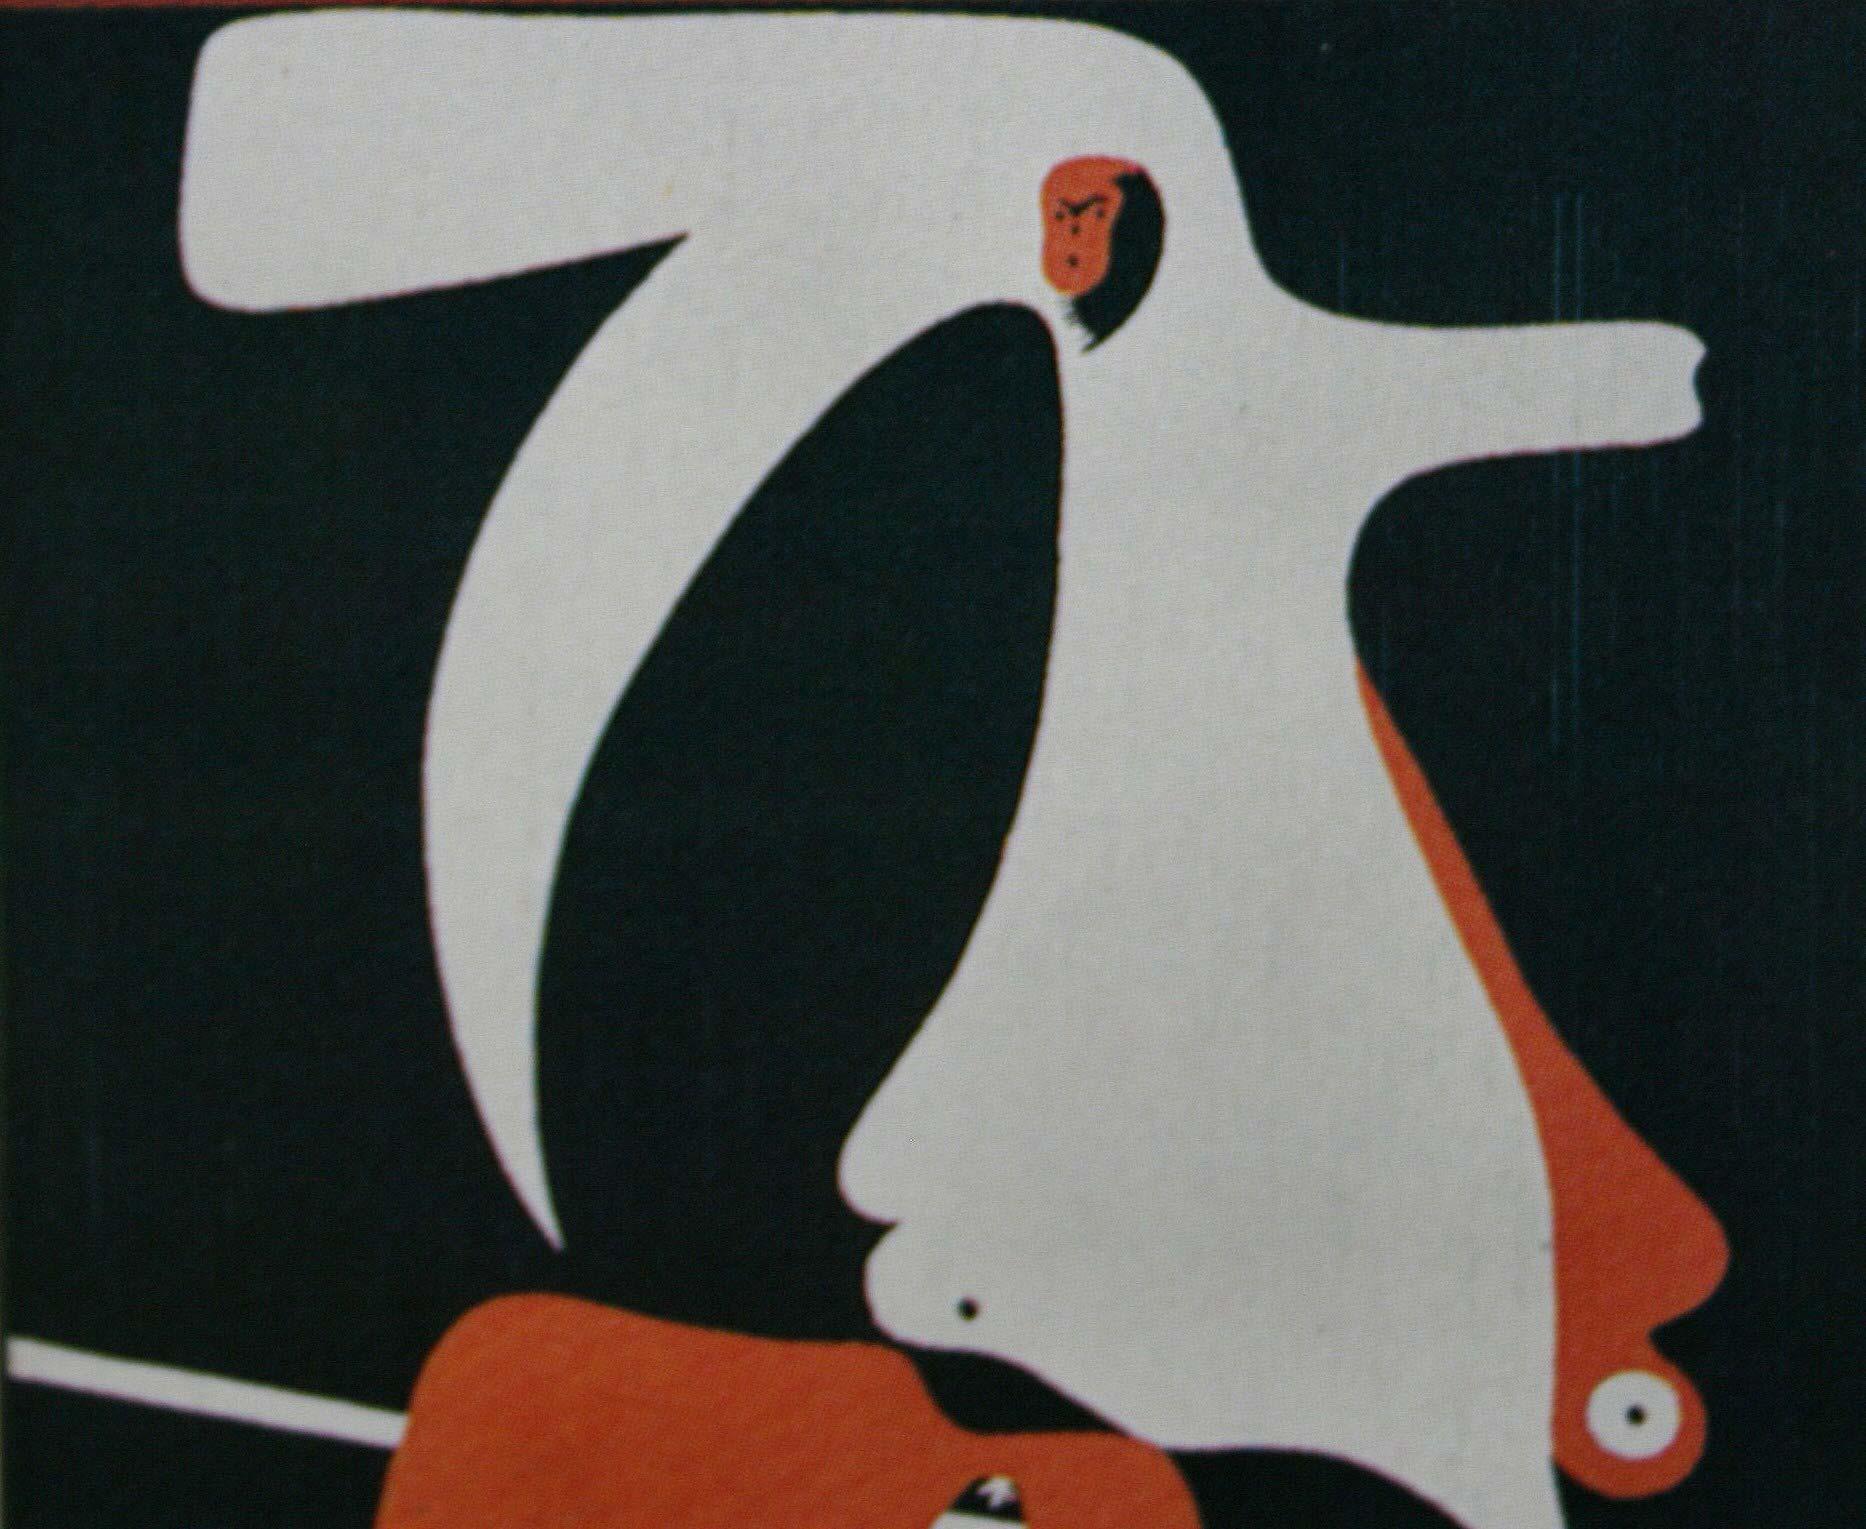 La Nostalgie de la Mer, André Masso, (image courtesy of Zervos Museum)